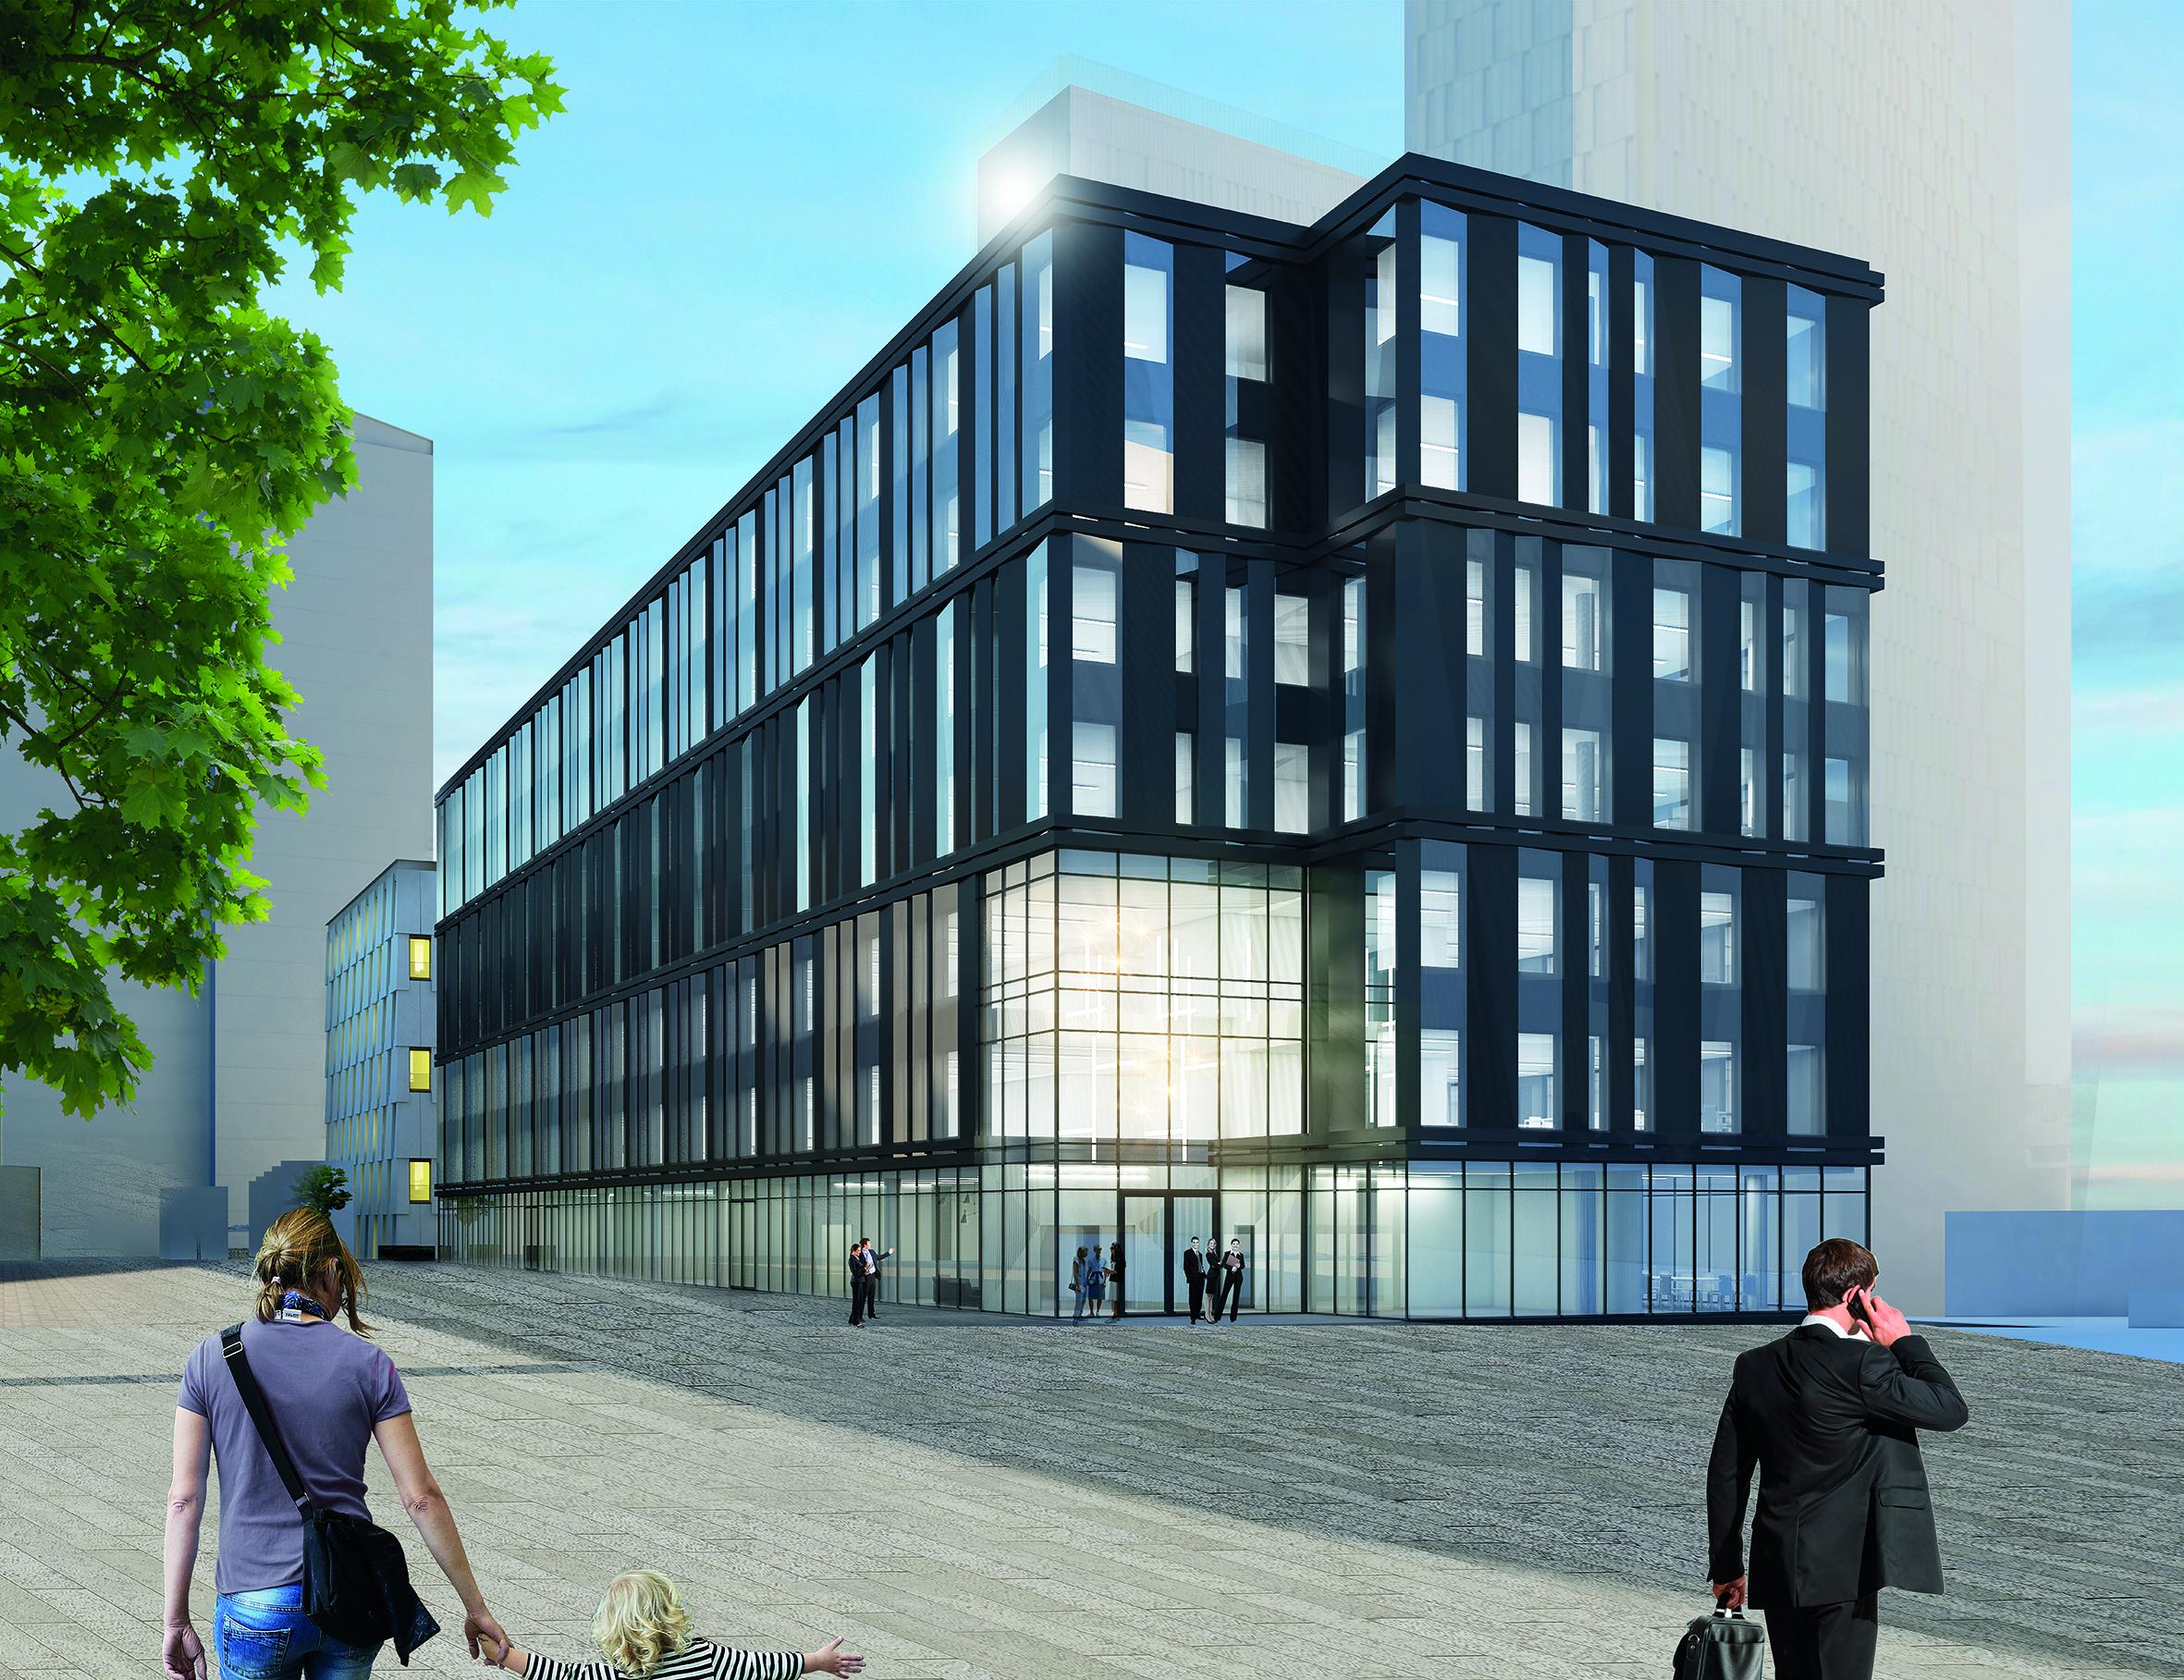 Vue du futur immeuble de bureaux du projet OBH.